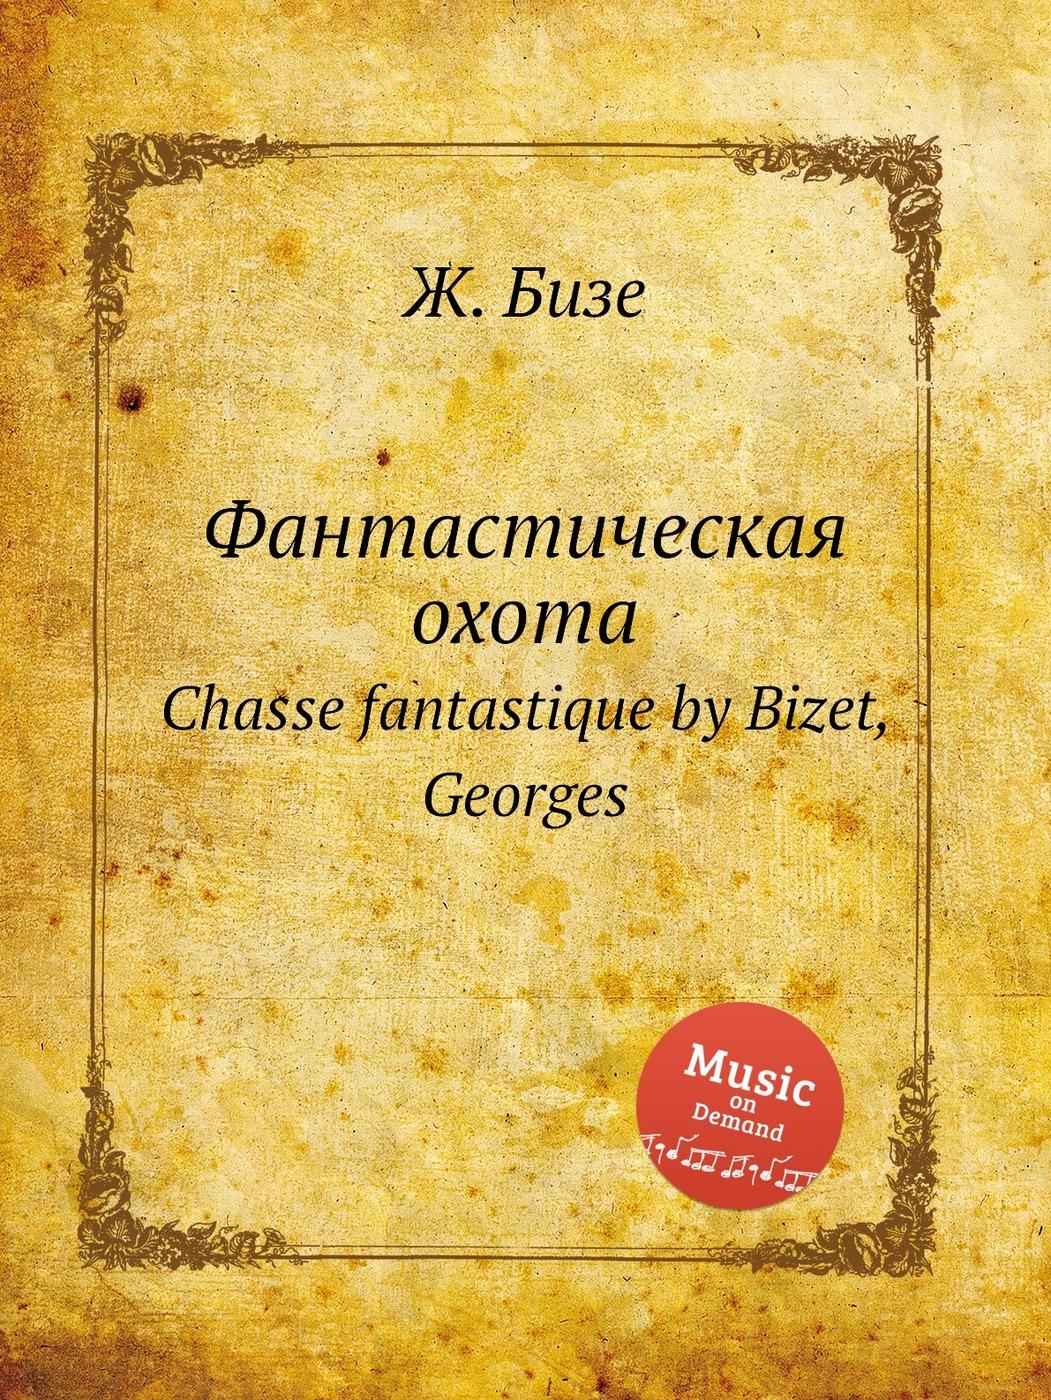 Фантастическая охота. Chasse fantastique by Bizet, Georges